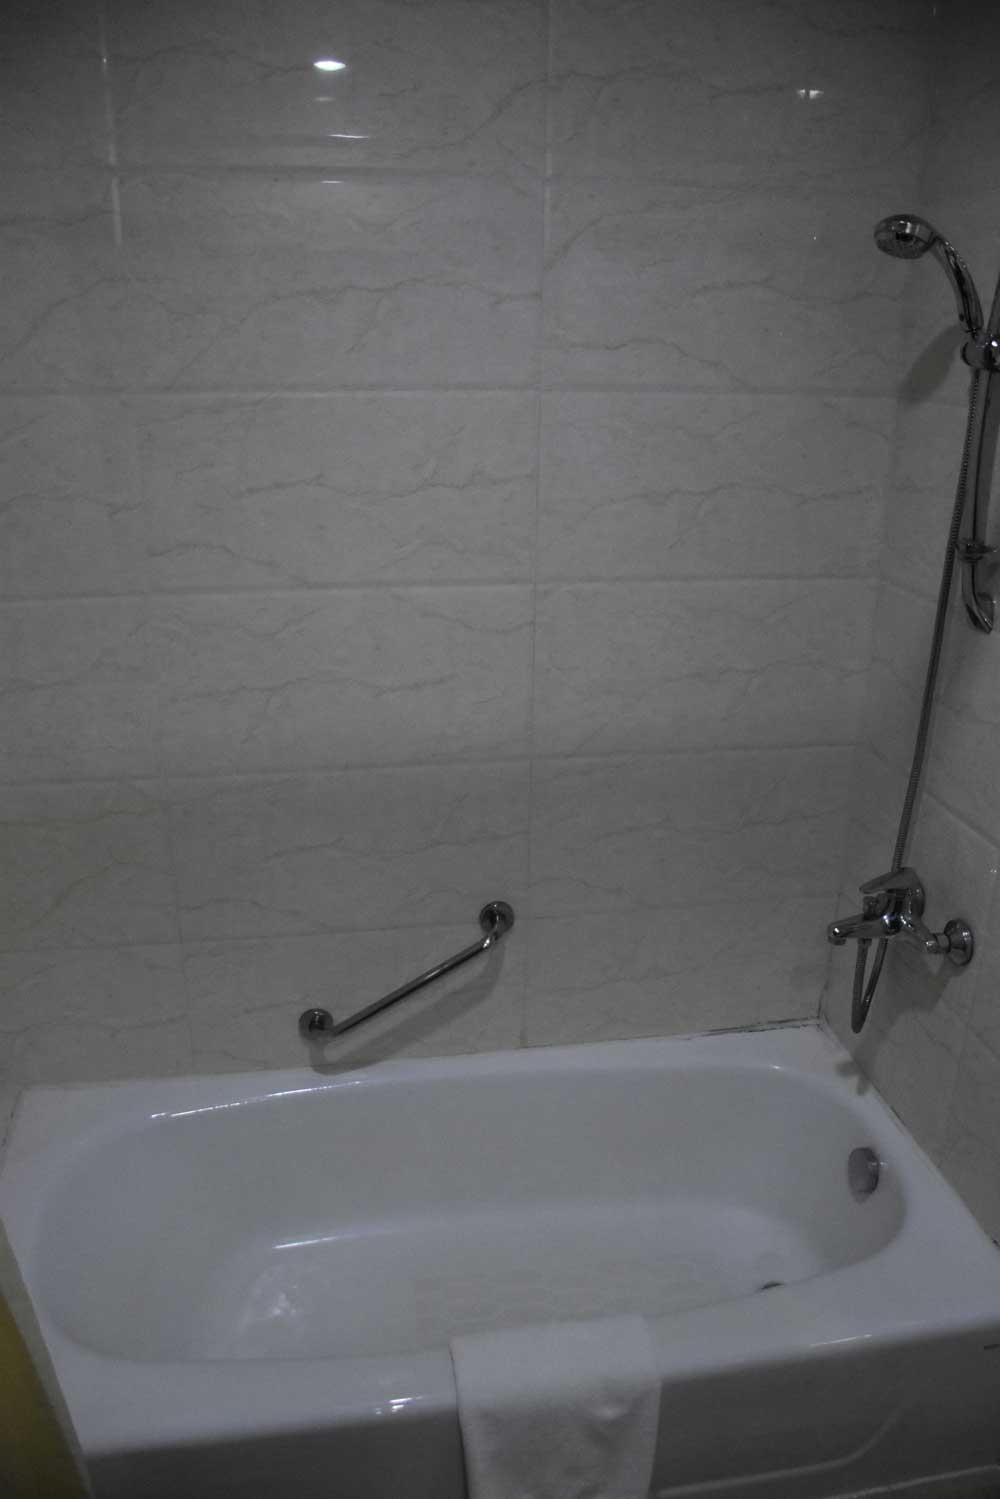 East Asia Hotel bathtub